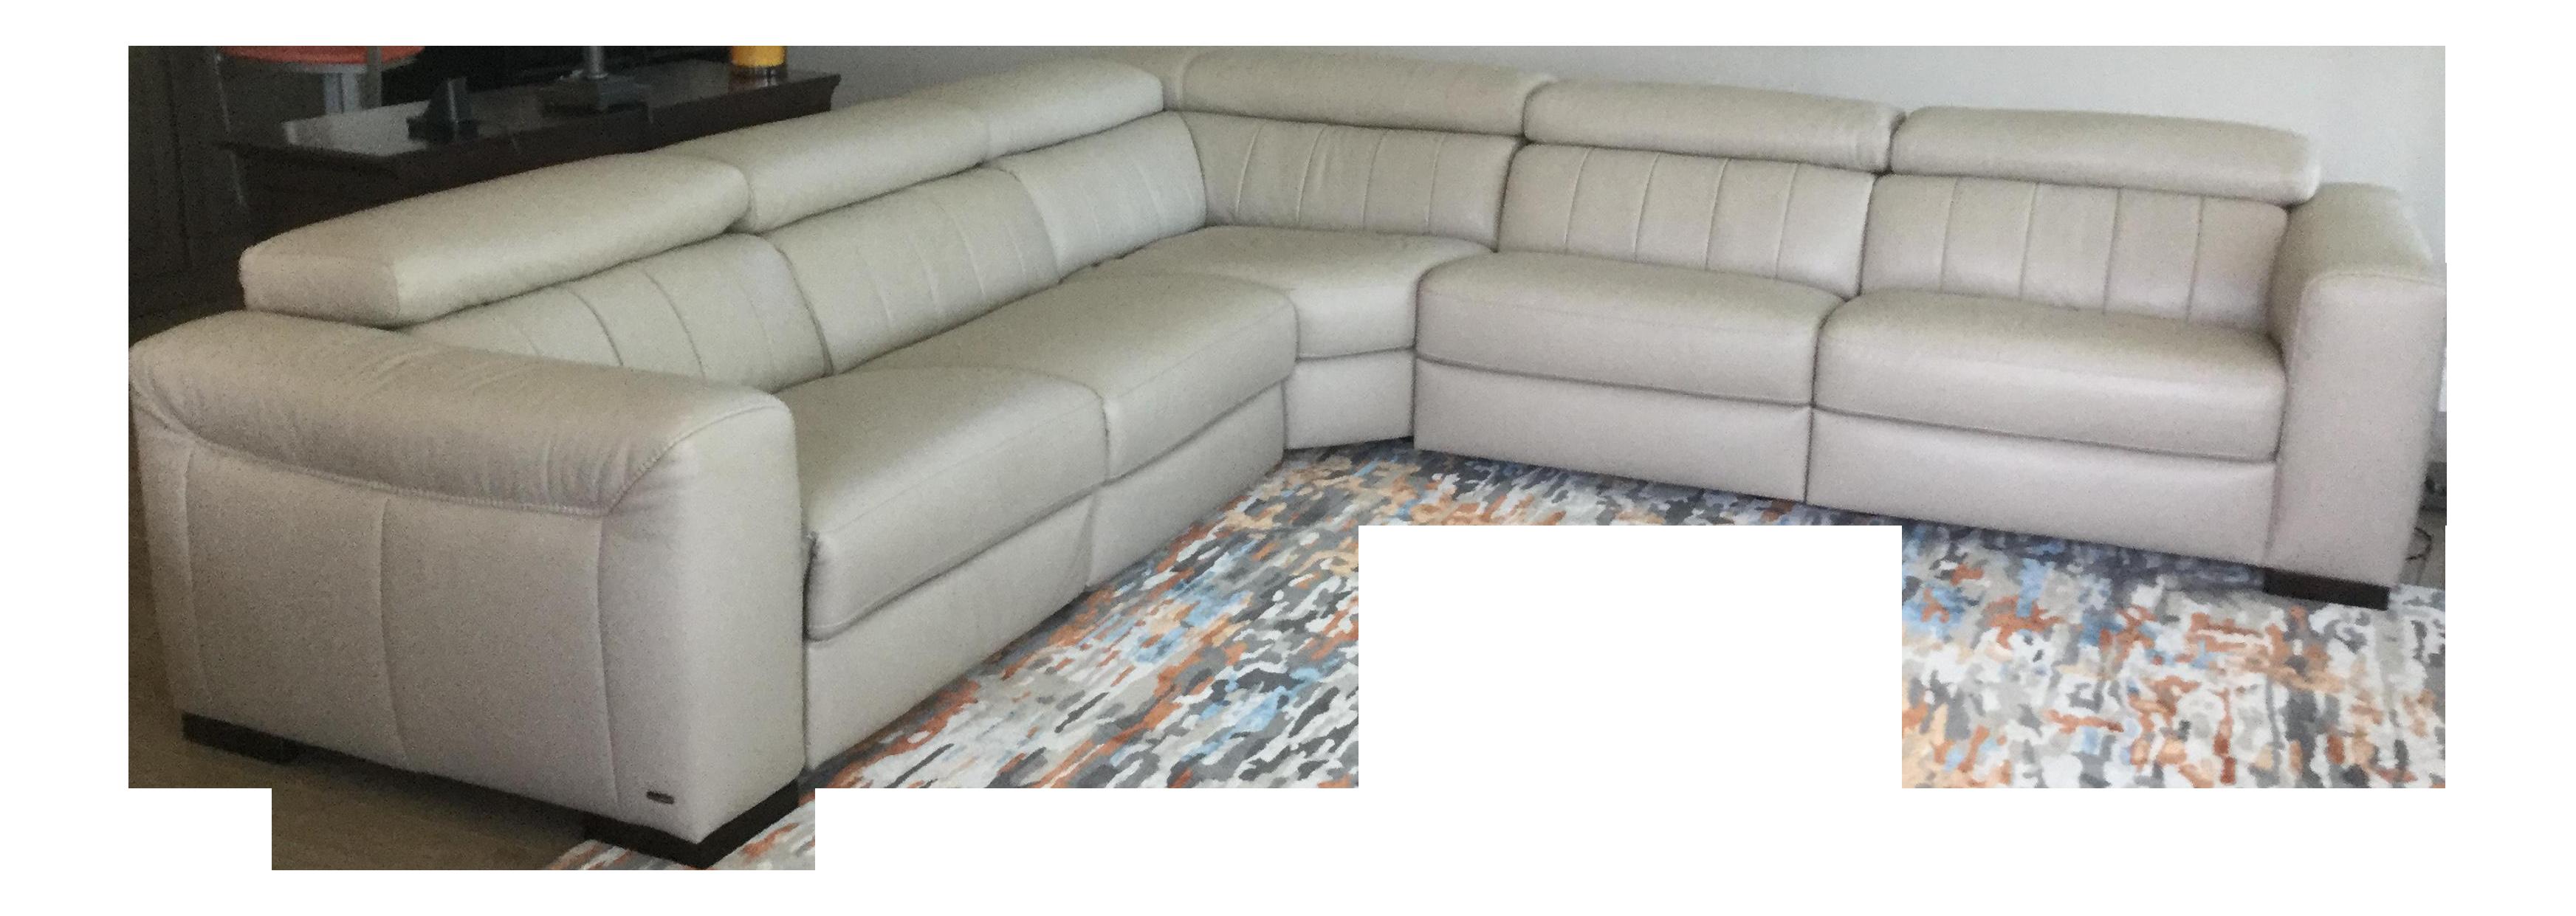 Strange Natuzzi Sectional Leather Sofa Ibusinesslaw Wood Chair Design Ideas Ibusinesslaworg